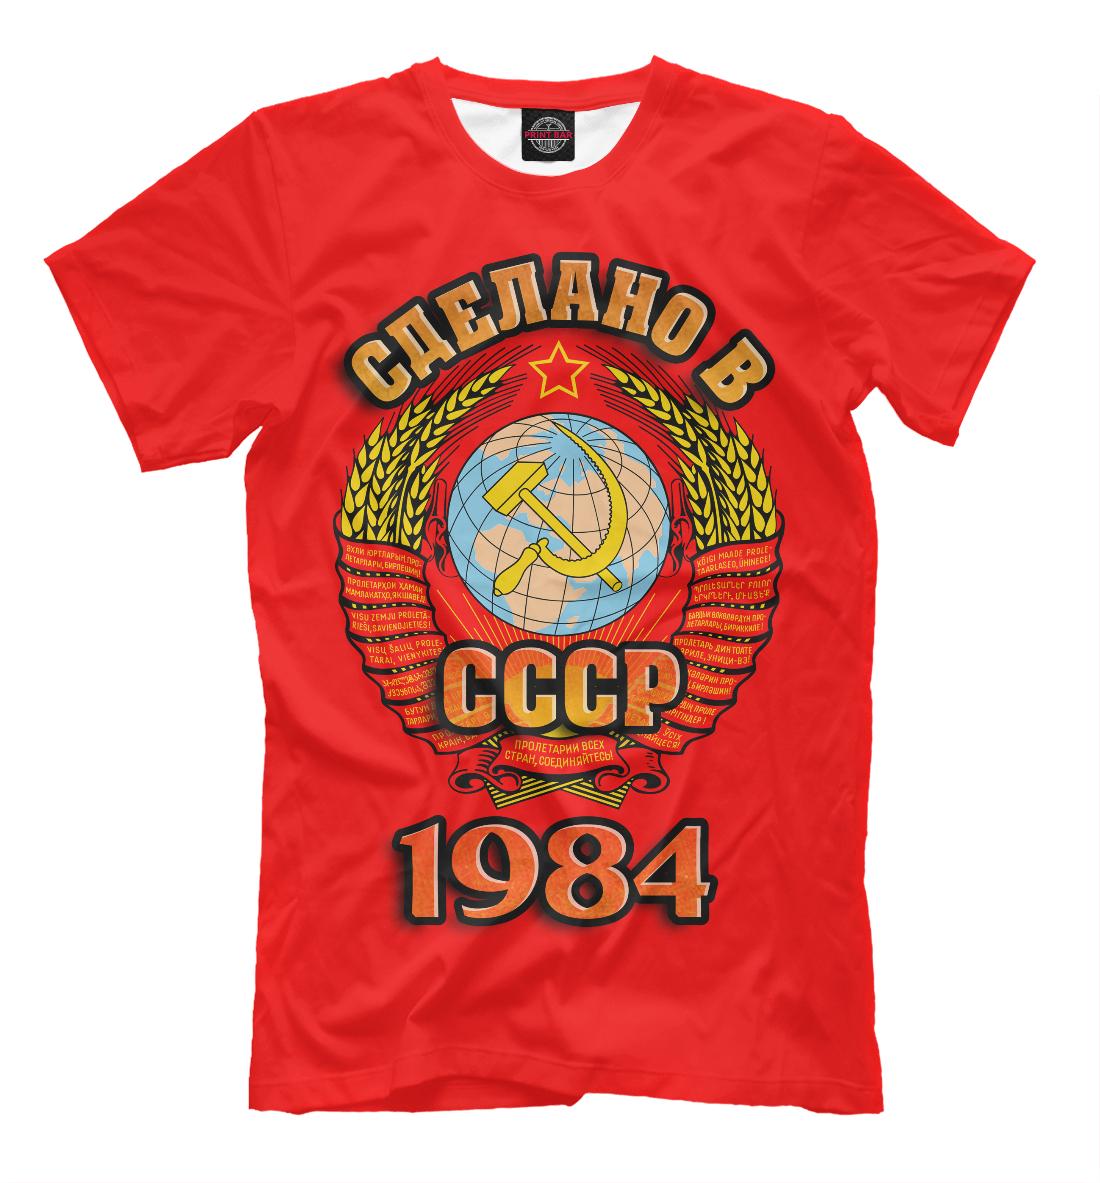 Купить Сделано в 1984, Printbar, Футболки, DVC-917749-fut-2